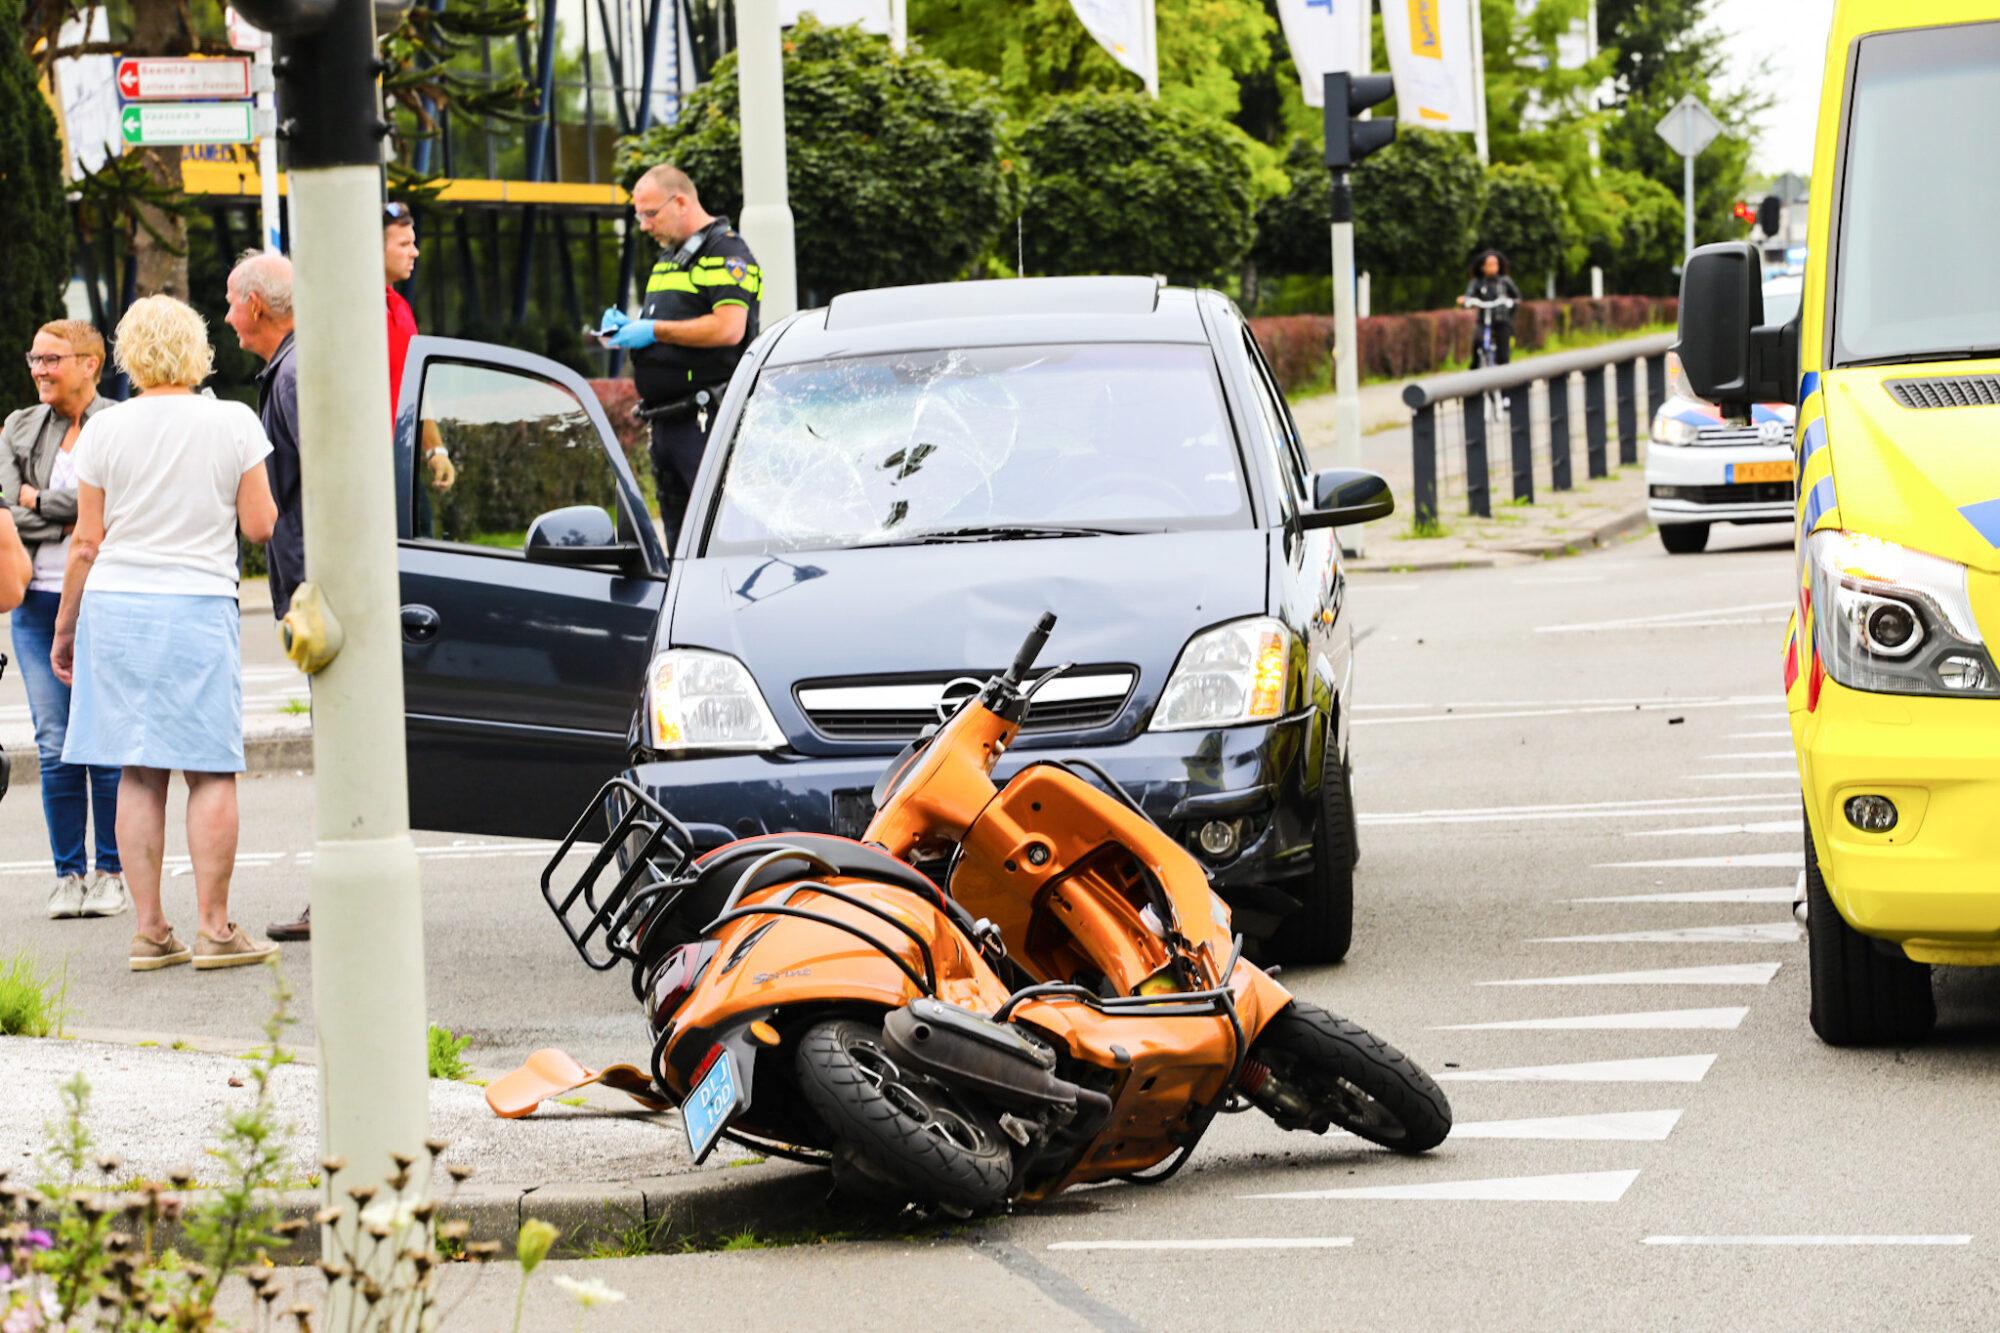 Harde botsing tussen scooter en auto in Apeldoorn; een gewonde